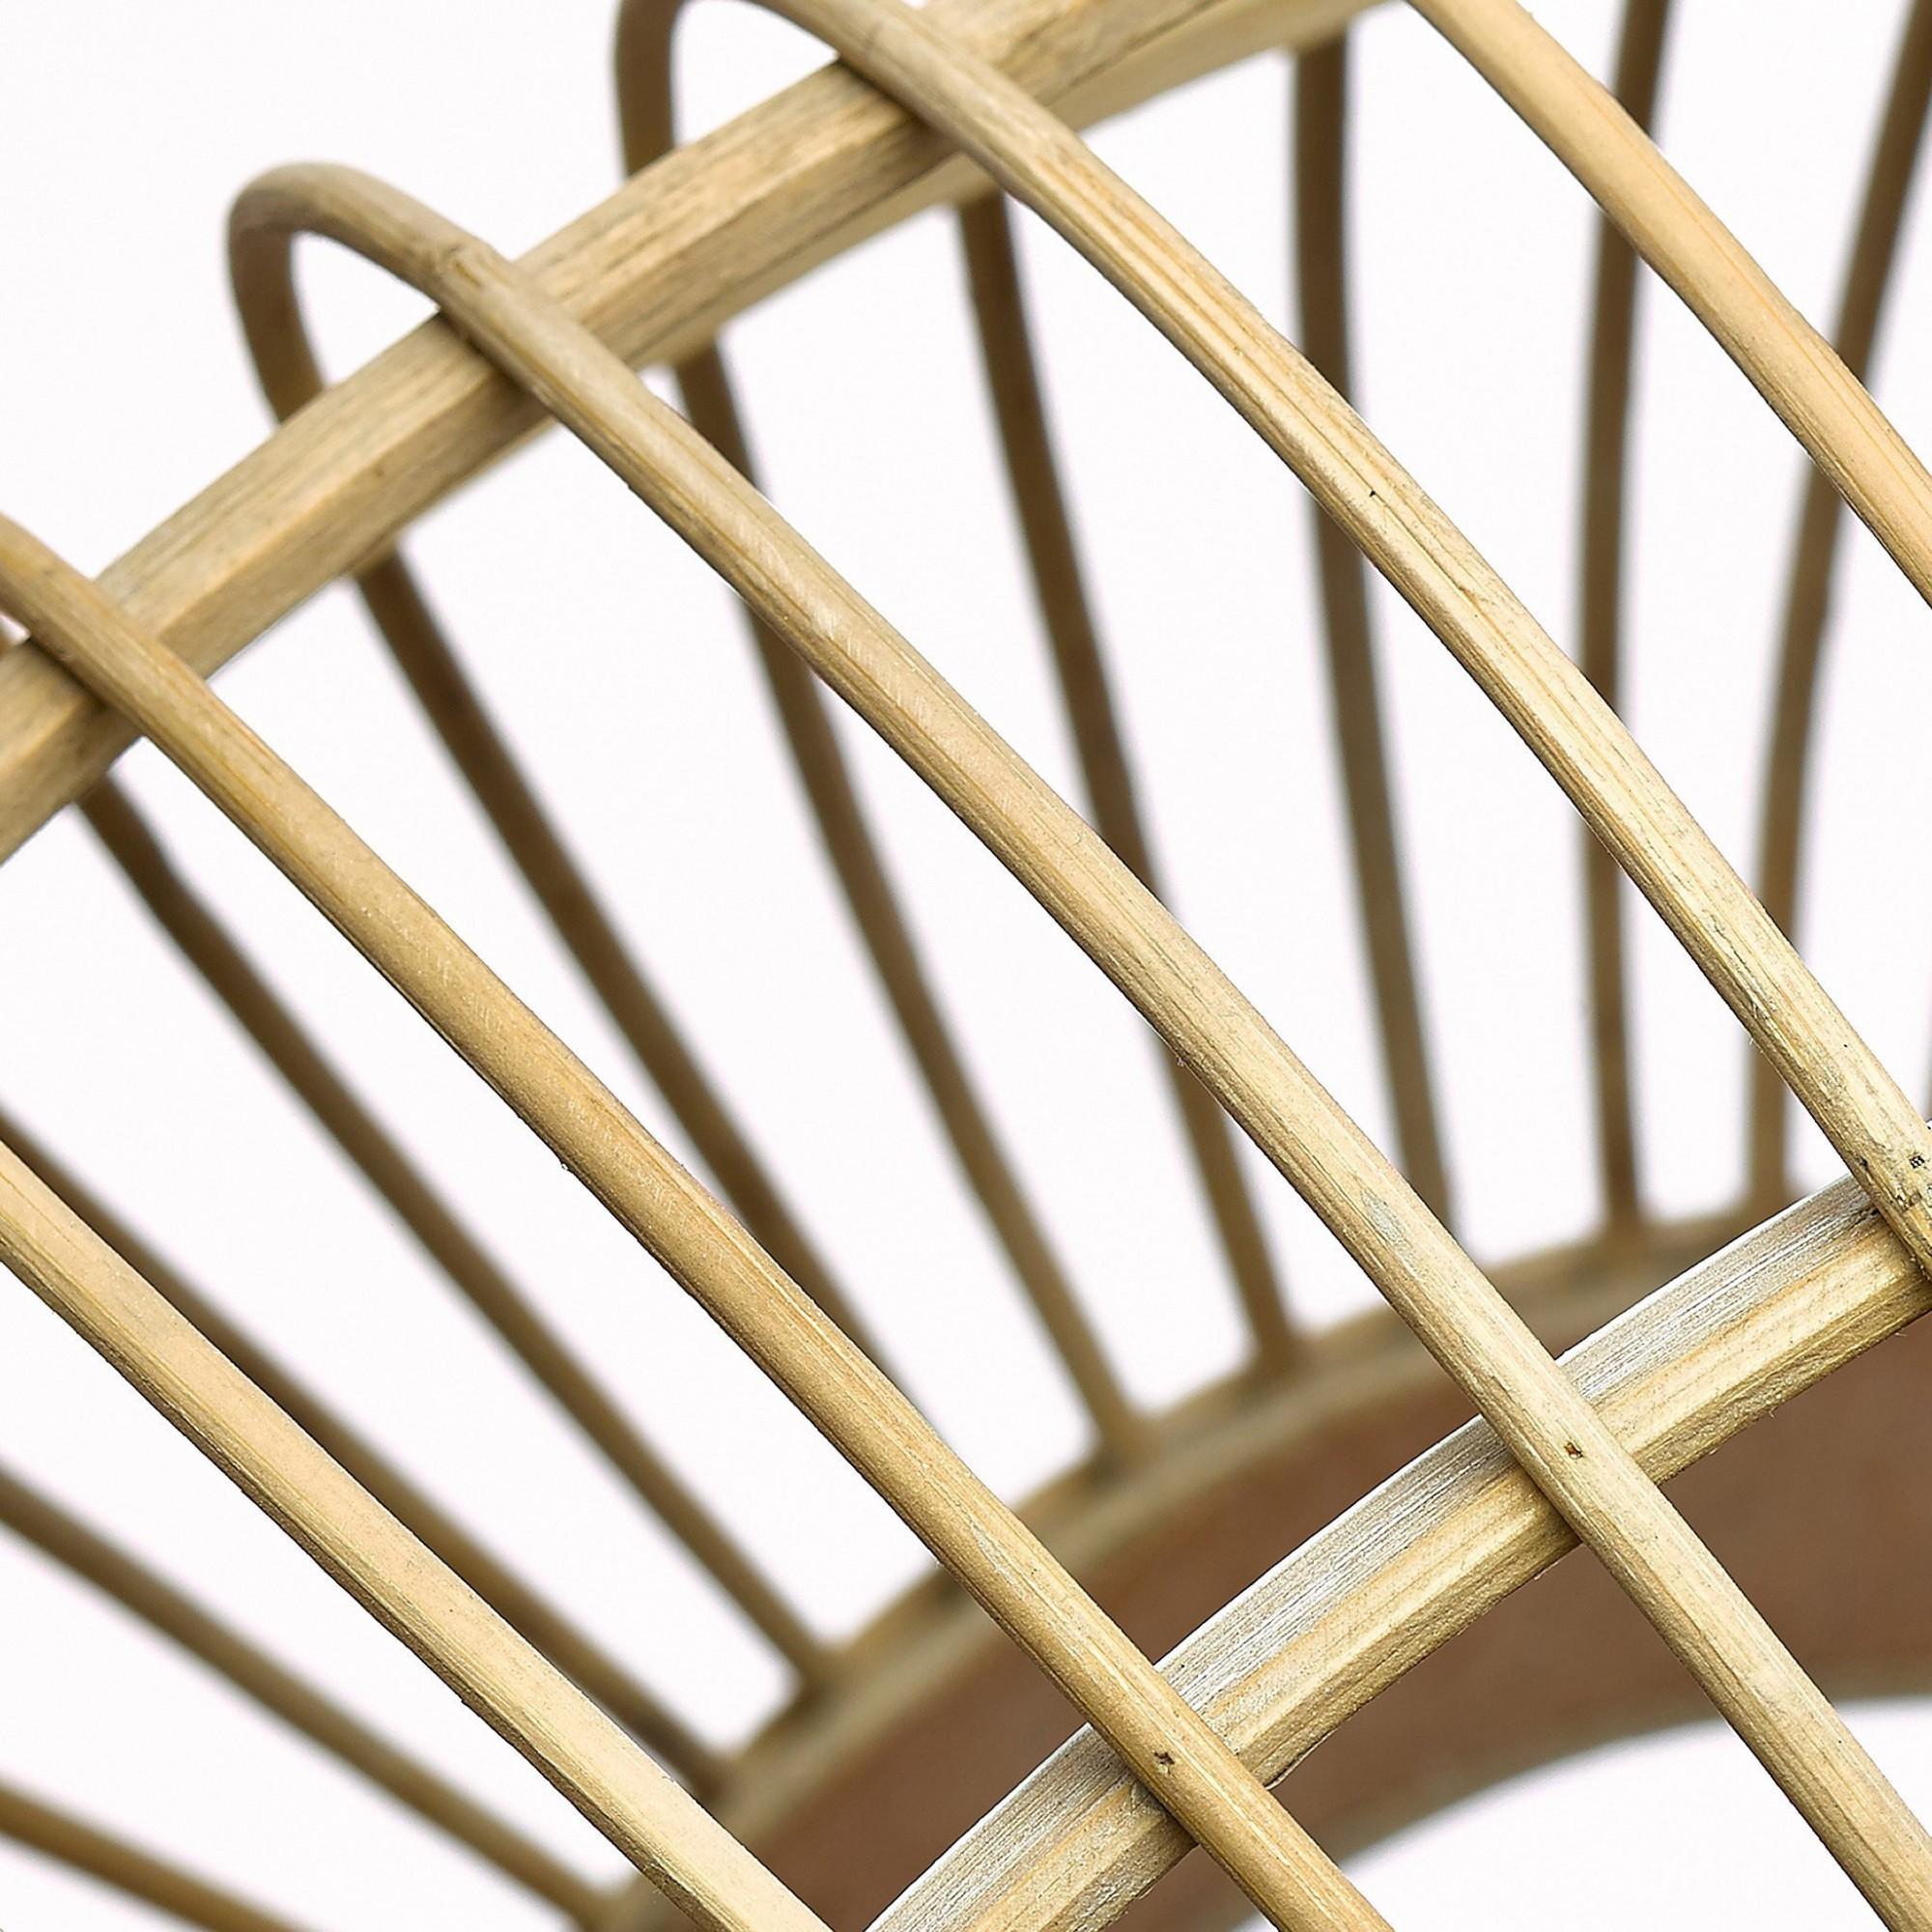 Afbeelding: Studio fotografie op locatie, detail houten lampenkap voor Simla. Productfotograaf Foto Van Huffel.